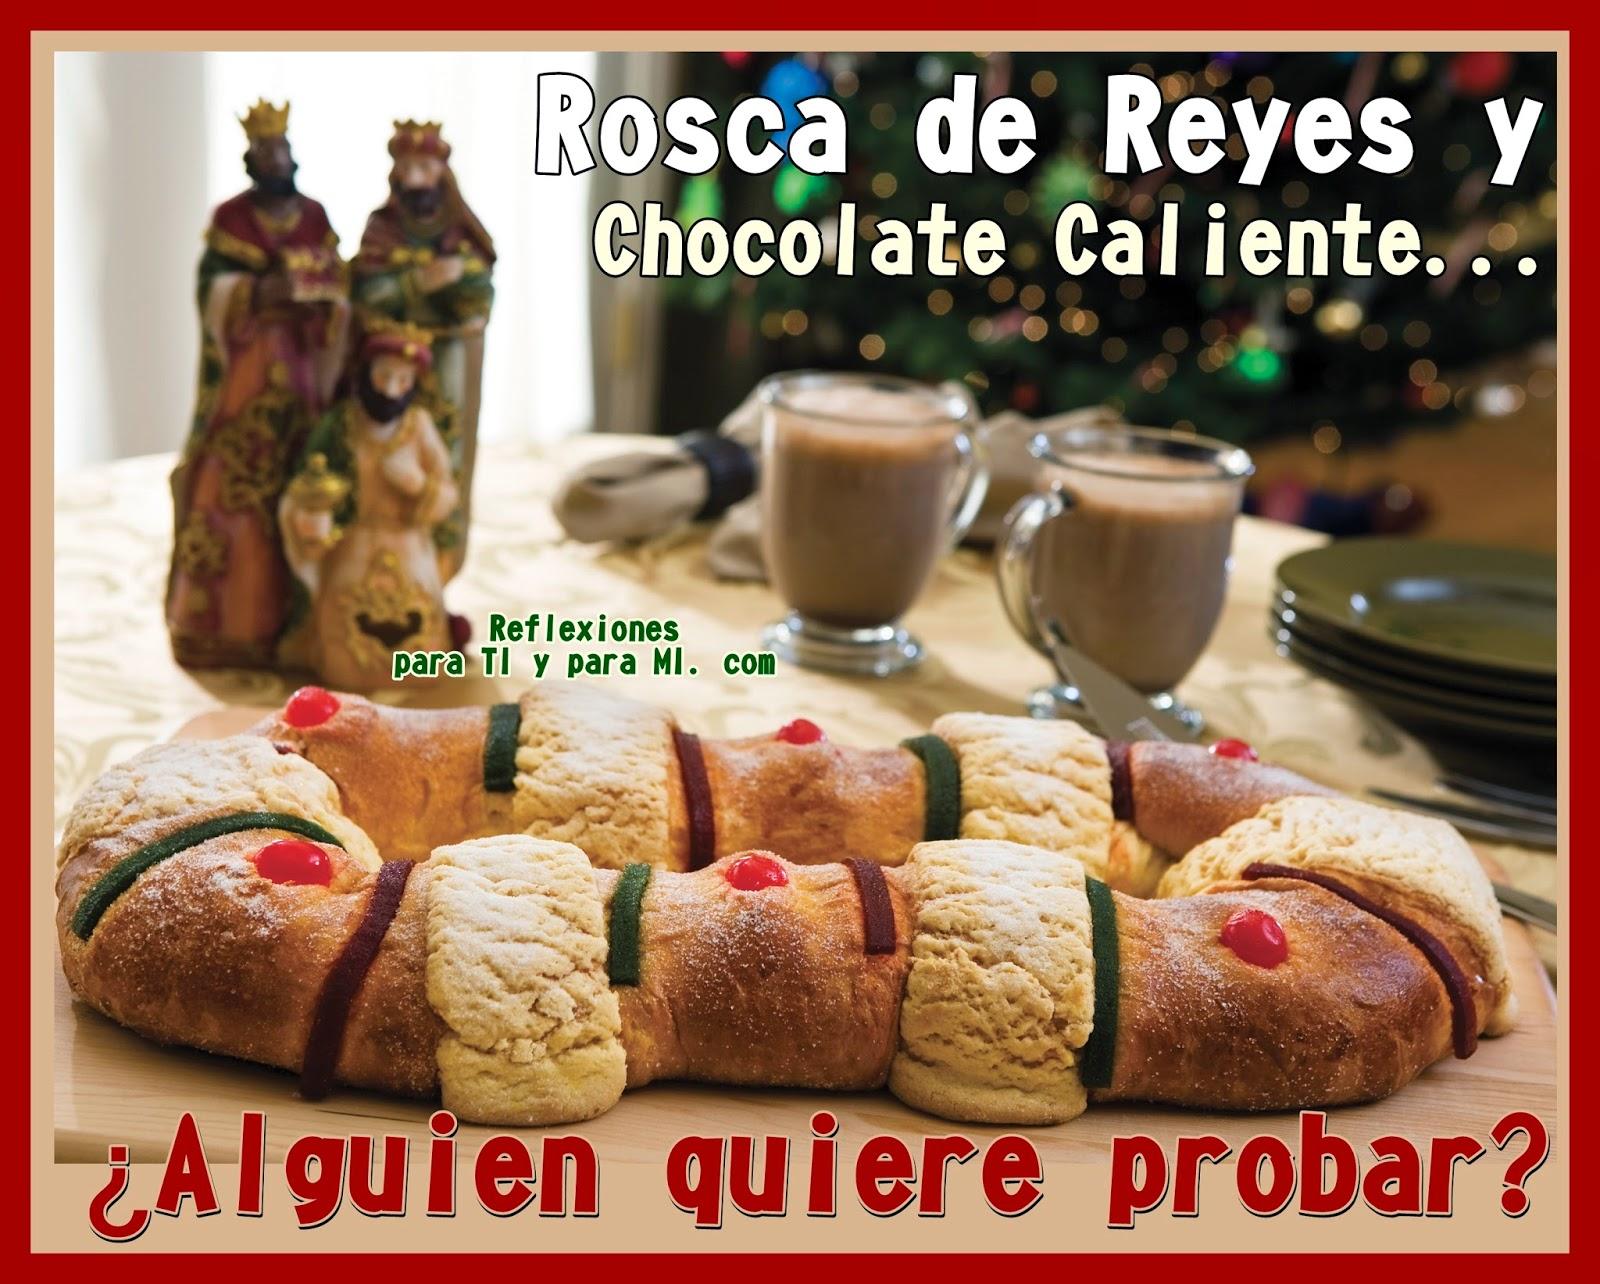 ROSCA DE REYES... ¿Alguien quiere probar?